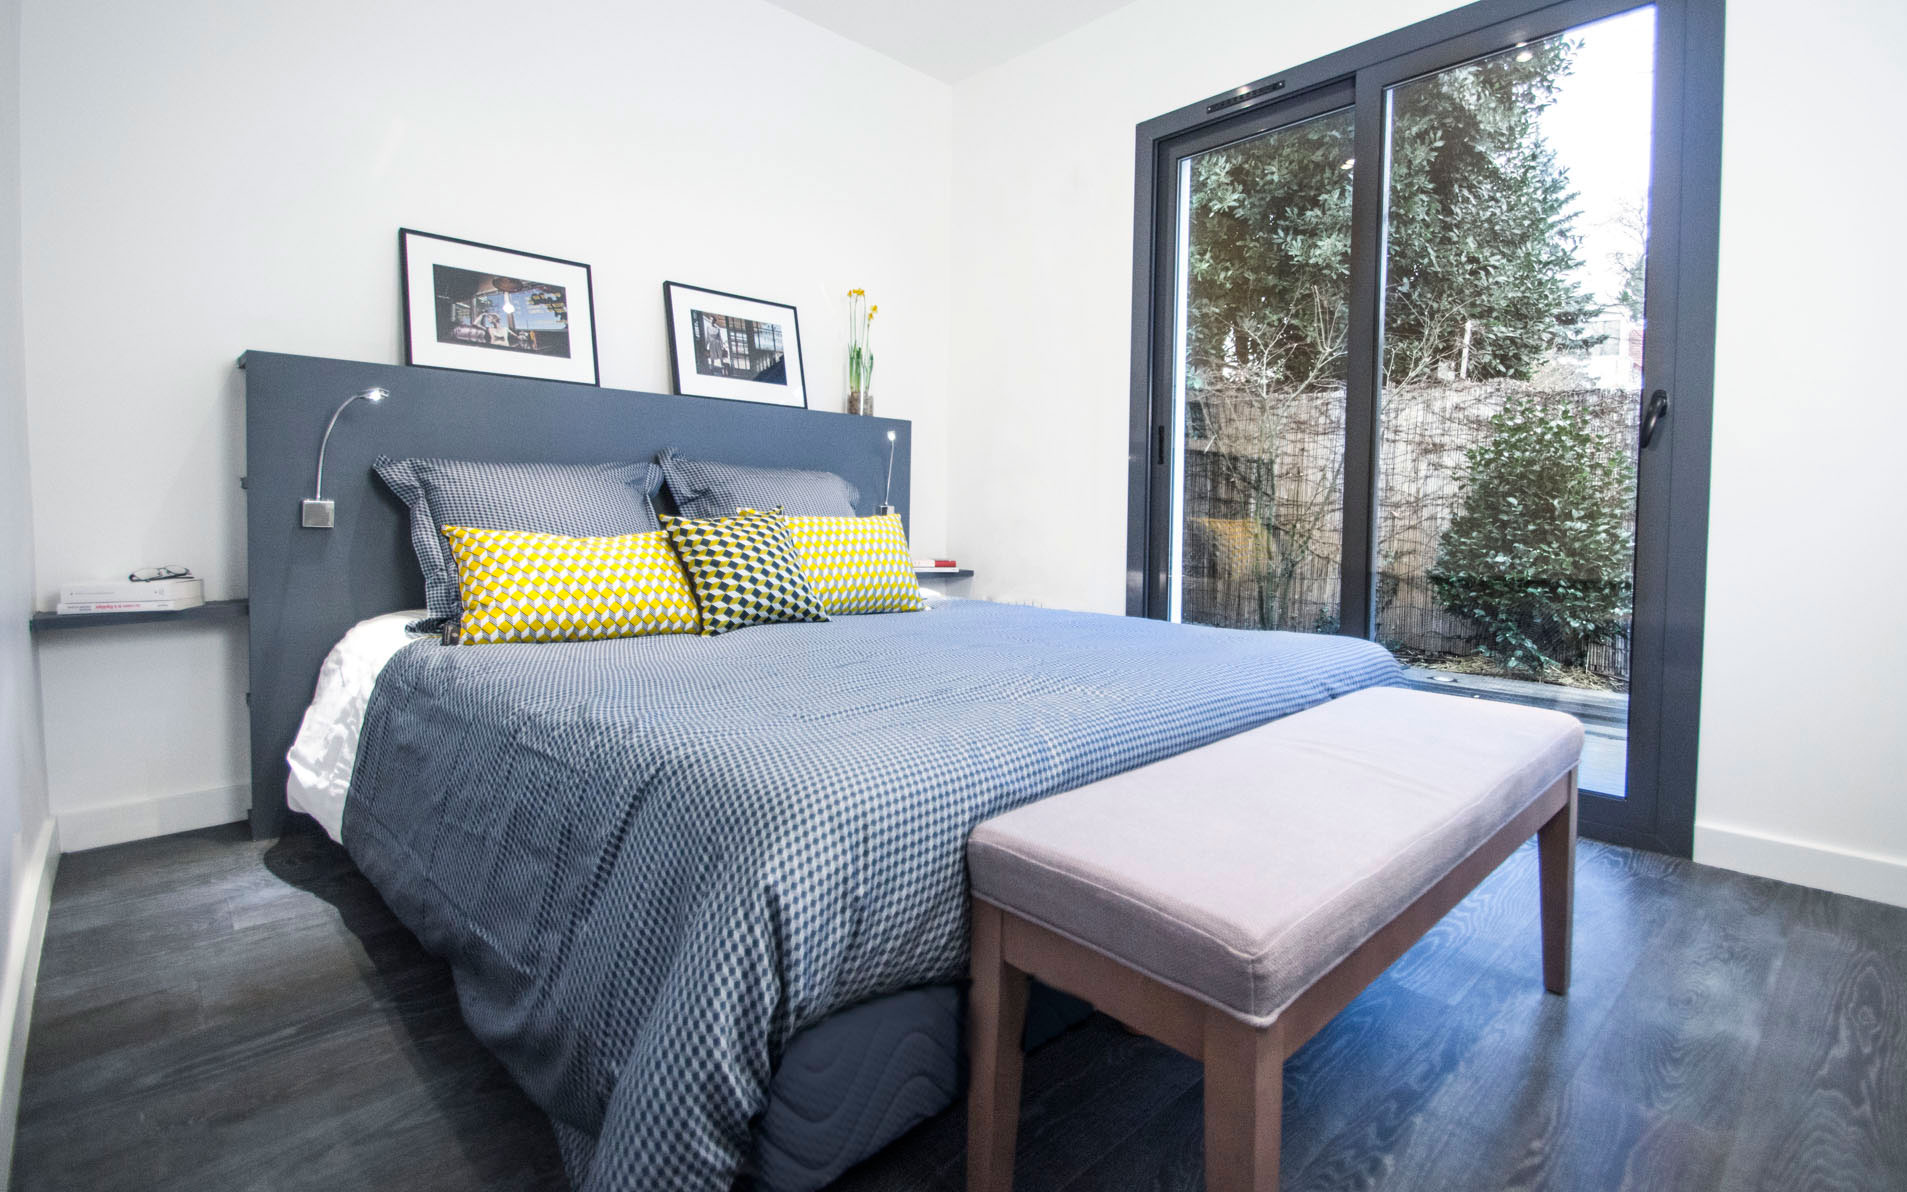 valerie burlot faire rentrer la lumi re chambre et bureau. Black Bedroom Furniture Sets. Home Design Ideas